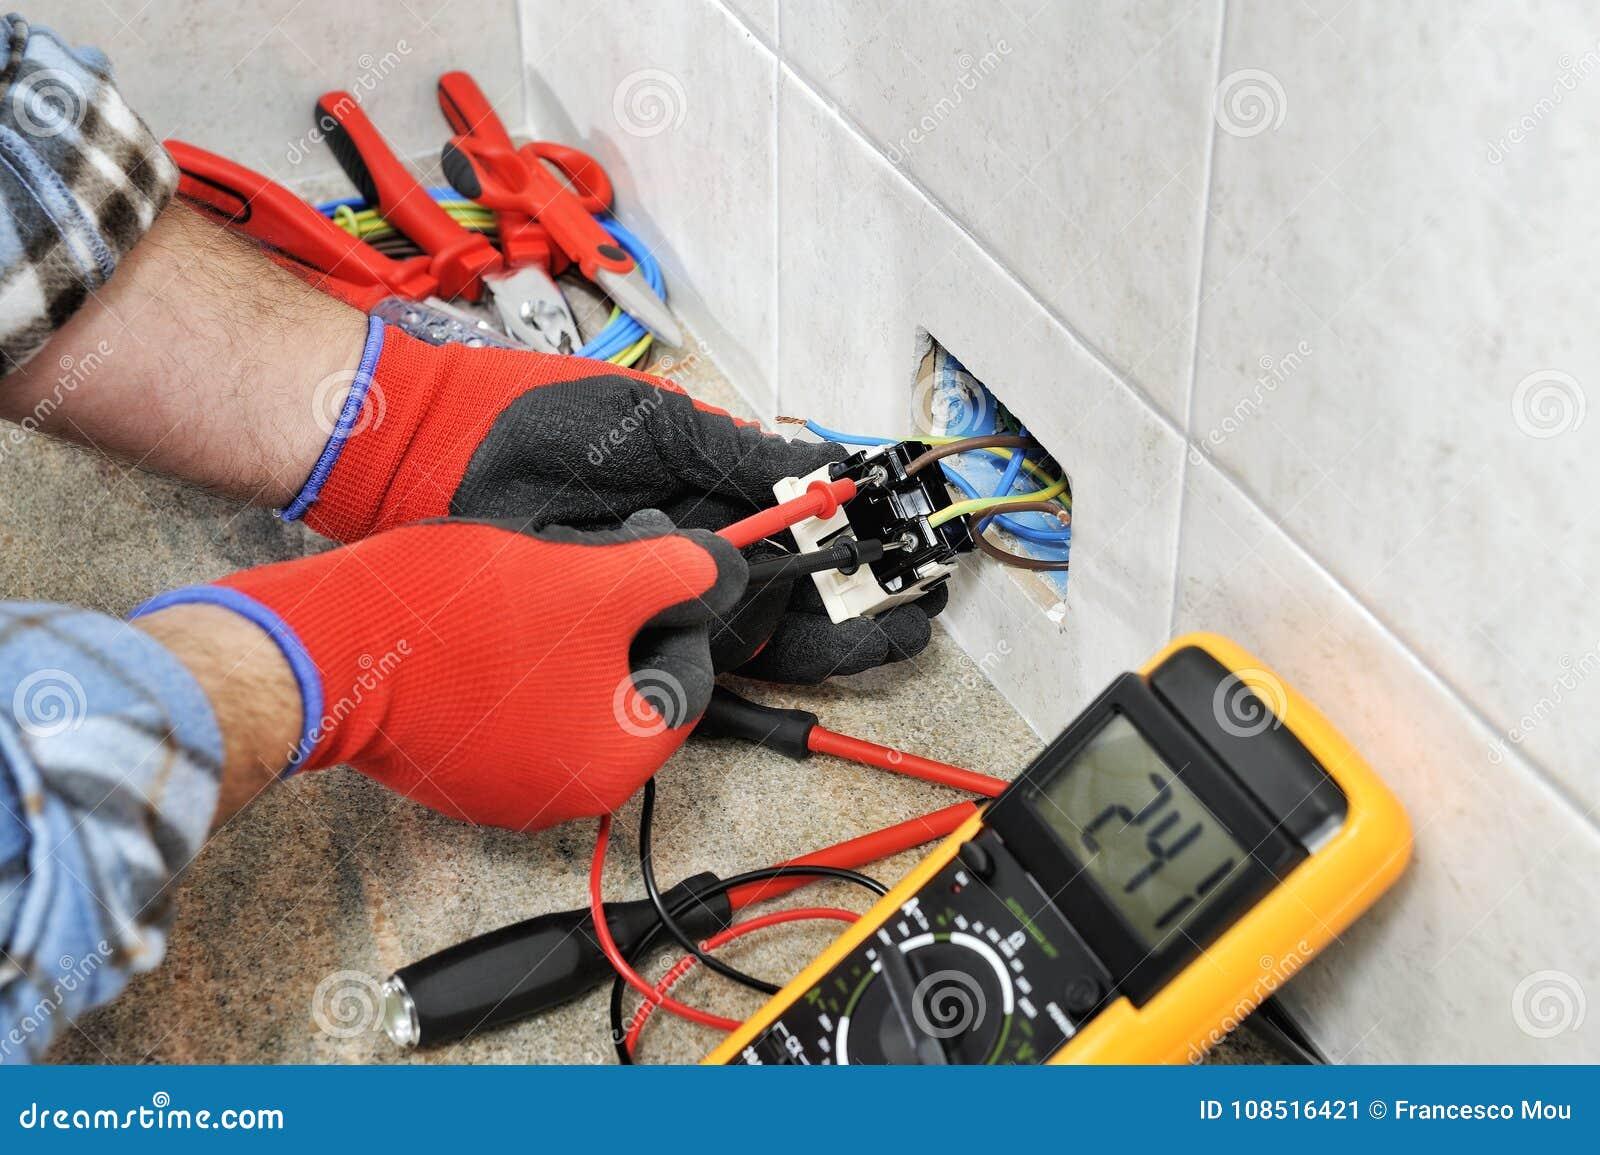 安全地研究住宅电气系统的电工技术员